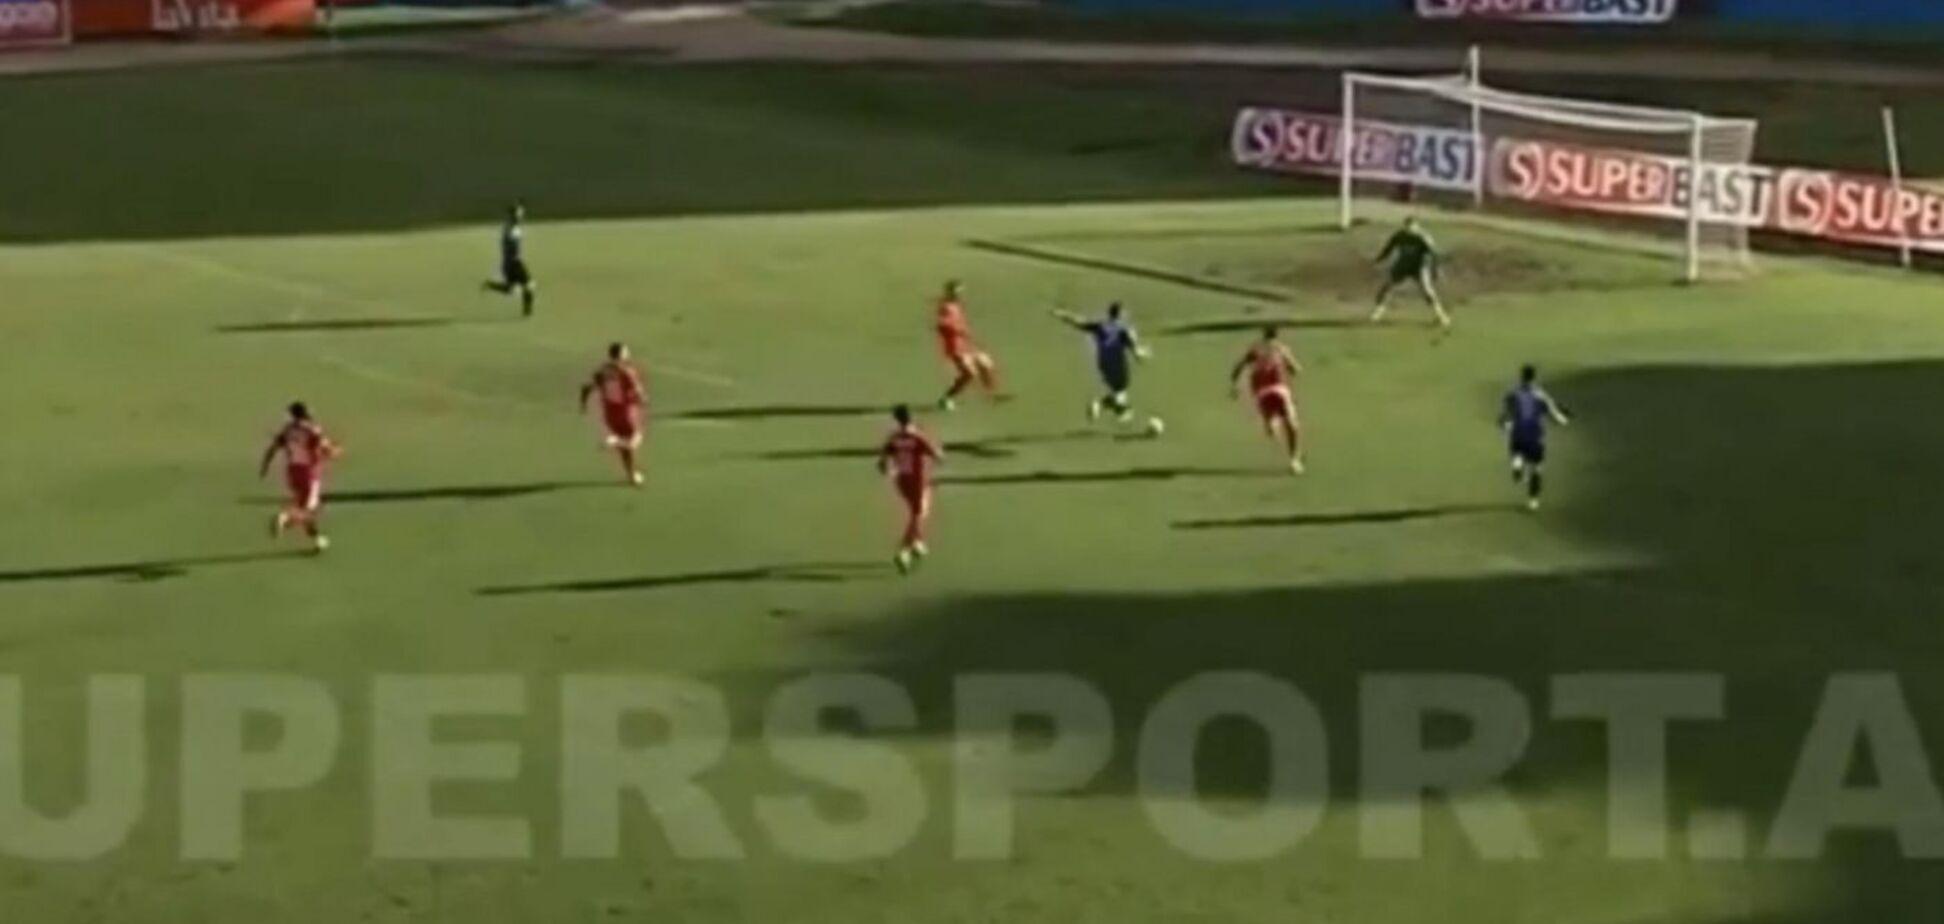 Албанський футболіст забив приголомшливий гол в стилі Мессі, обігравши пів команди суперника: відео шедевра